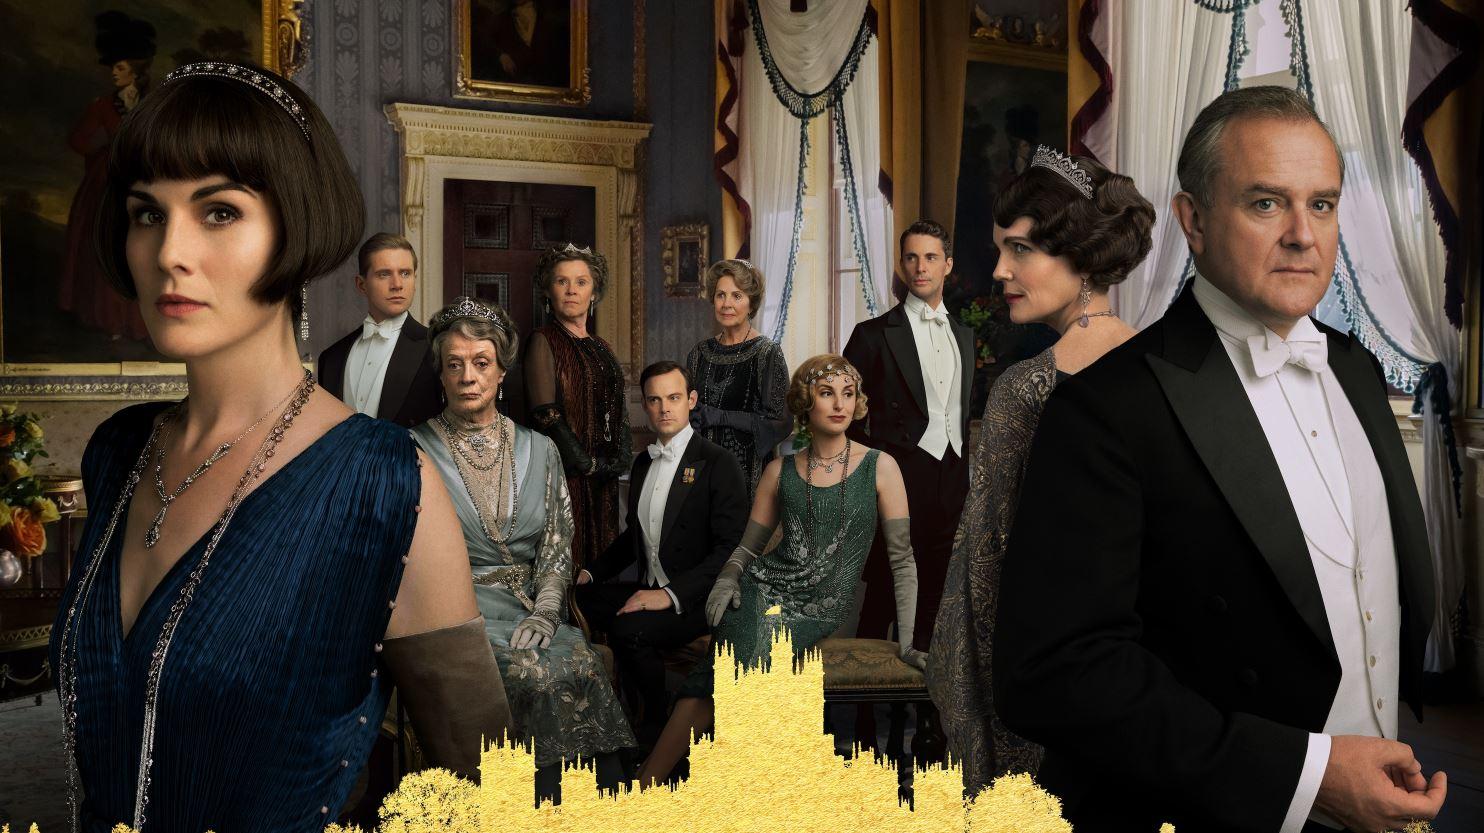 Mindent a filmről: Downton Abbey